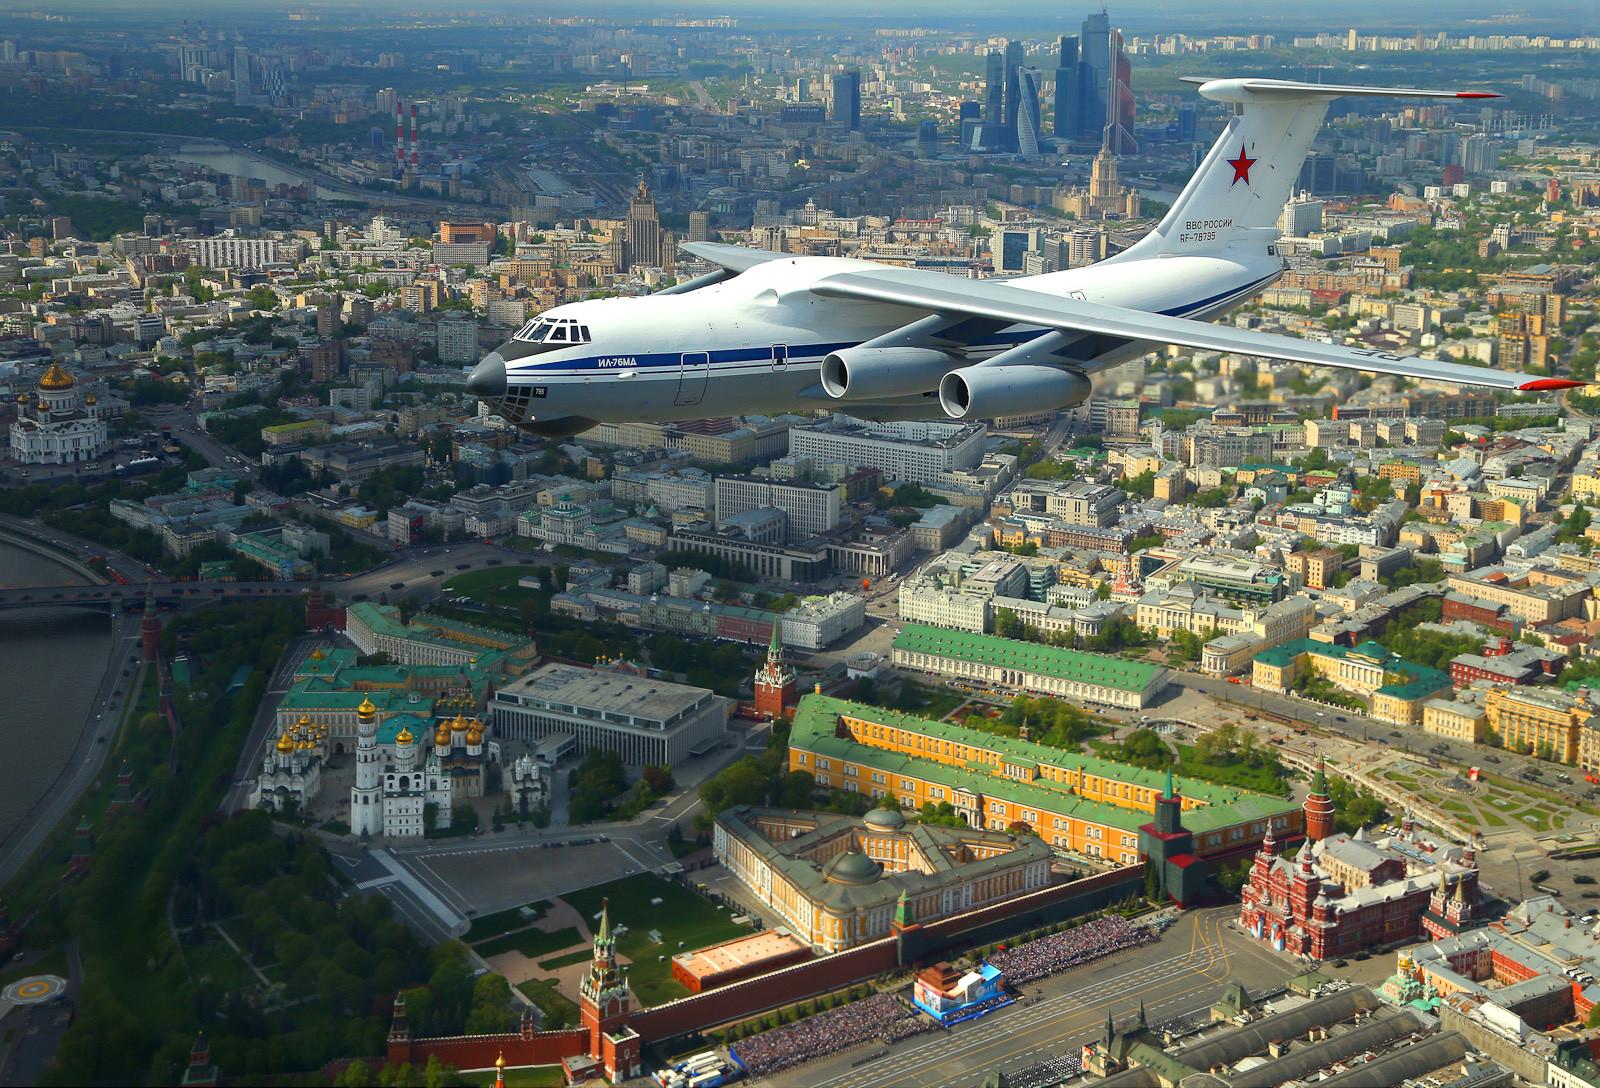 L'Ilyushin Il-76, un avion de transport stratégique à quatre moteurs et à double turboréacteur, au-dessus du Kremlin.